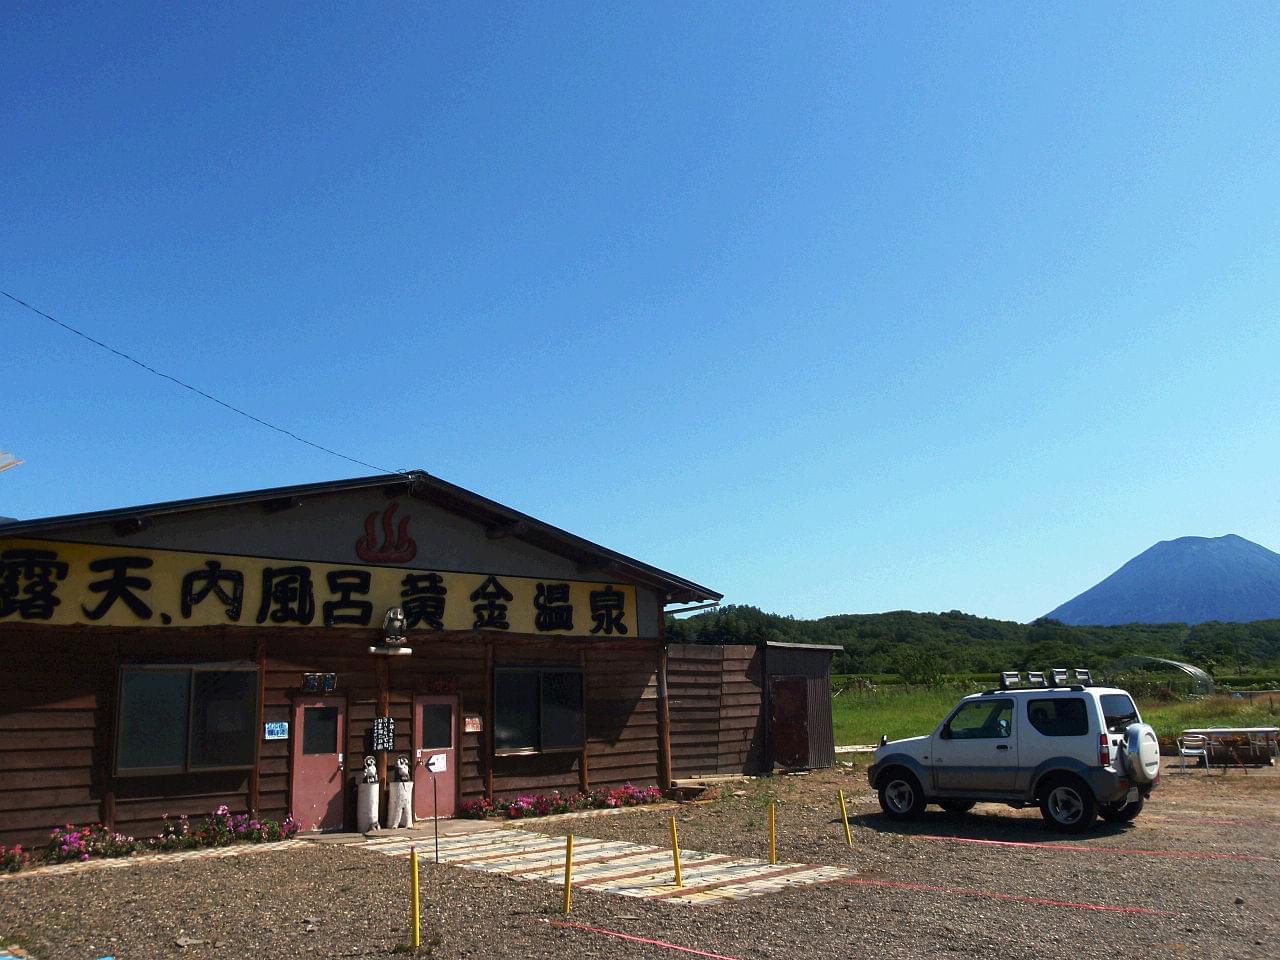 【北海道】ニセコのおとなり蘭越町で温泉三昧!日帰りも可能な秘湯巡り4選